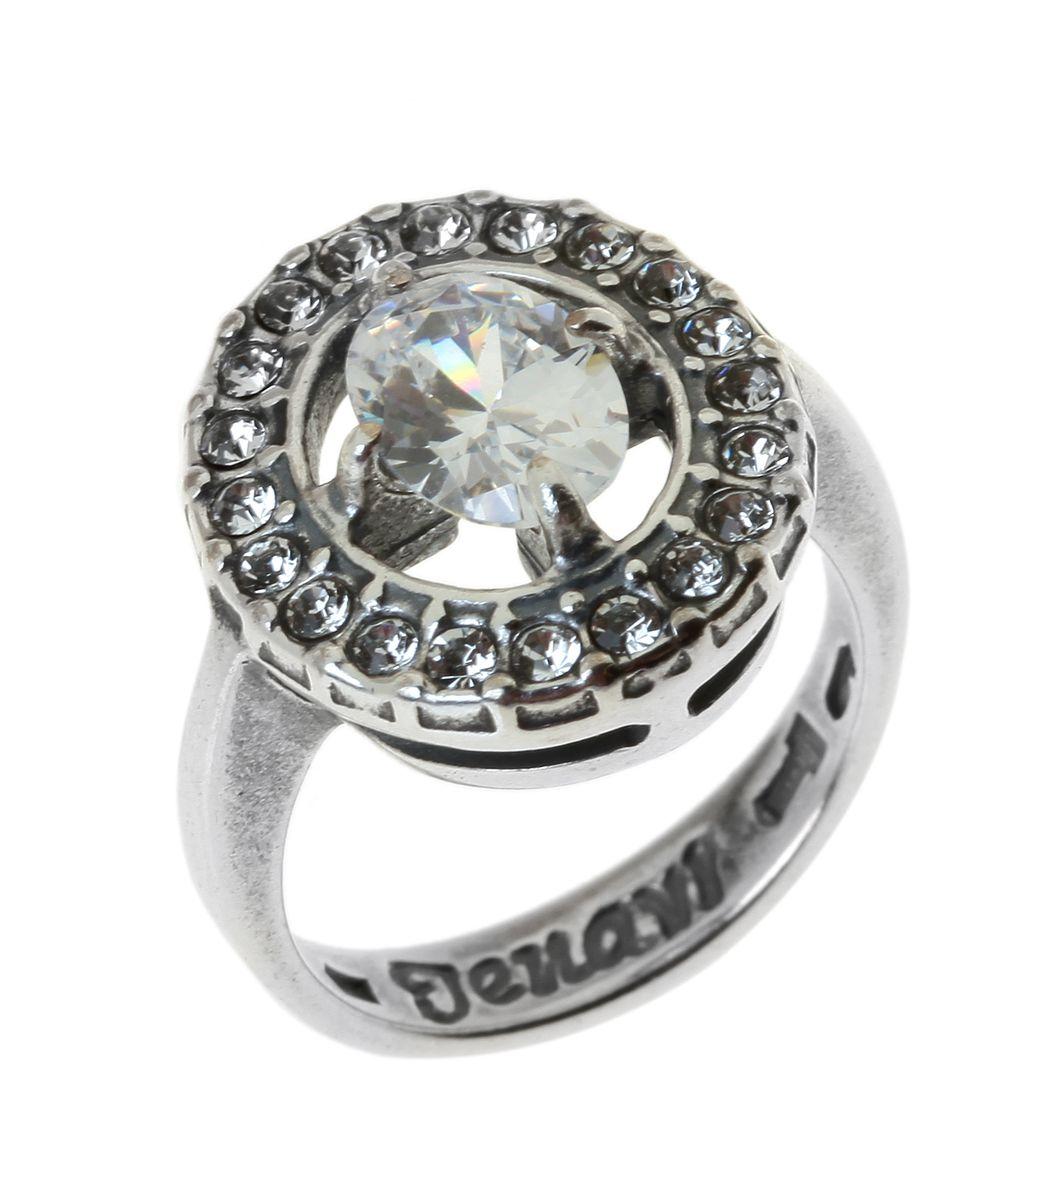 Jenavi, Коллекция Эллада (кольца), Югера (Кольцо), цвет - серебристый, белый, размер - 16. j68530a0j68530a0Коллекция Эллада (кольца), Югера (Кольцо) гипоаллергенный ювелирный сплав,Черненое серебро, вставка Фианит , цвет - серебро, белый, размер - 16